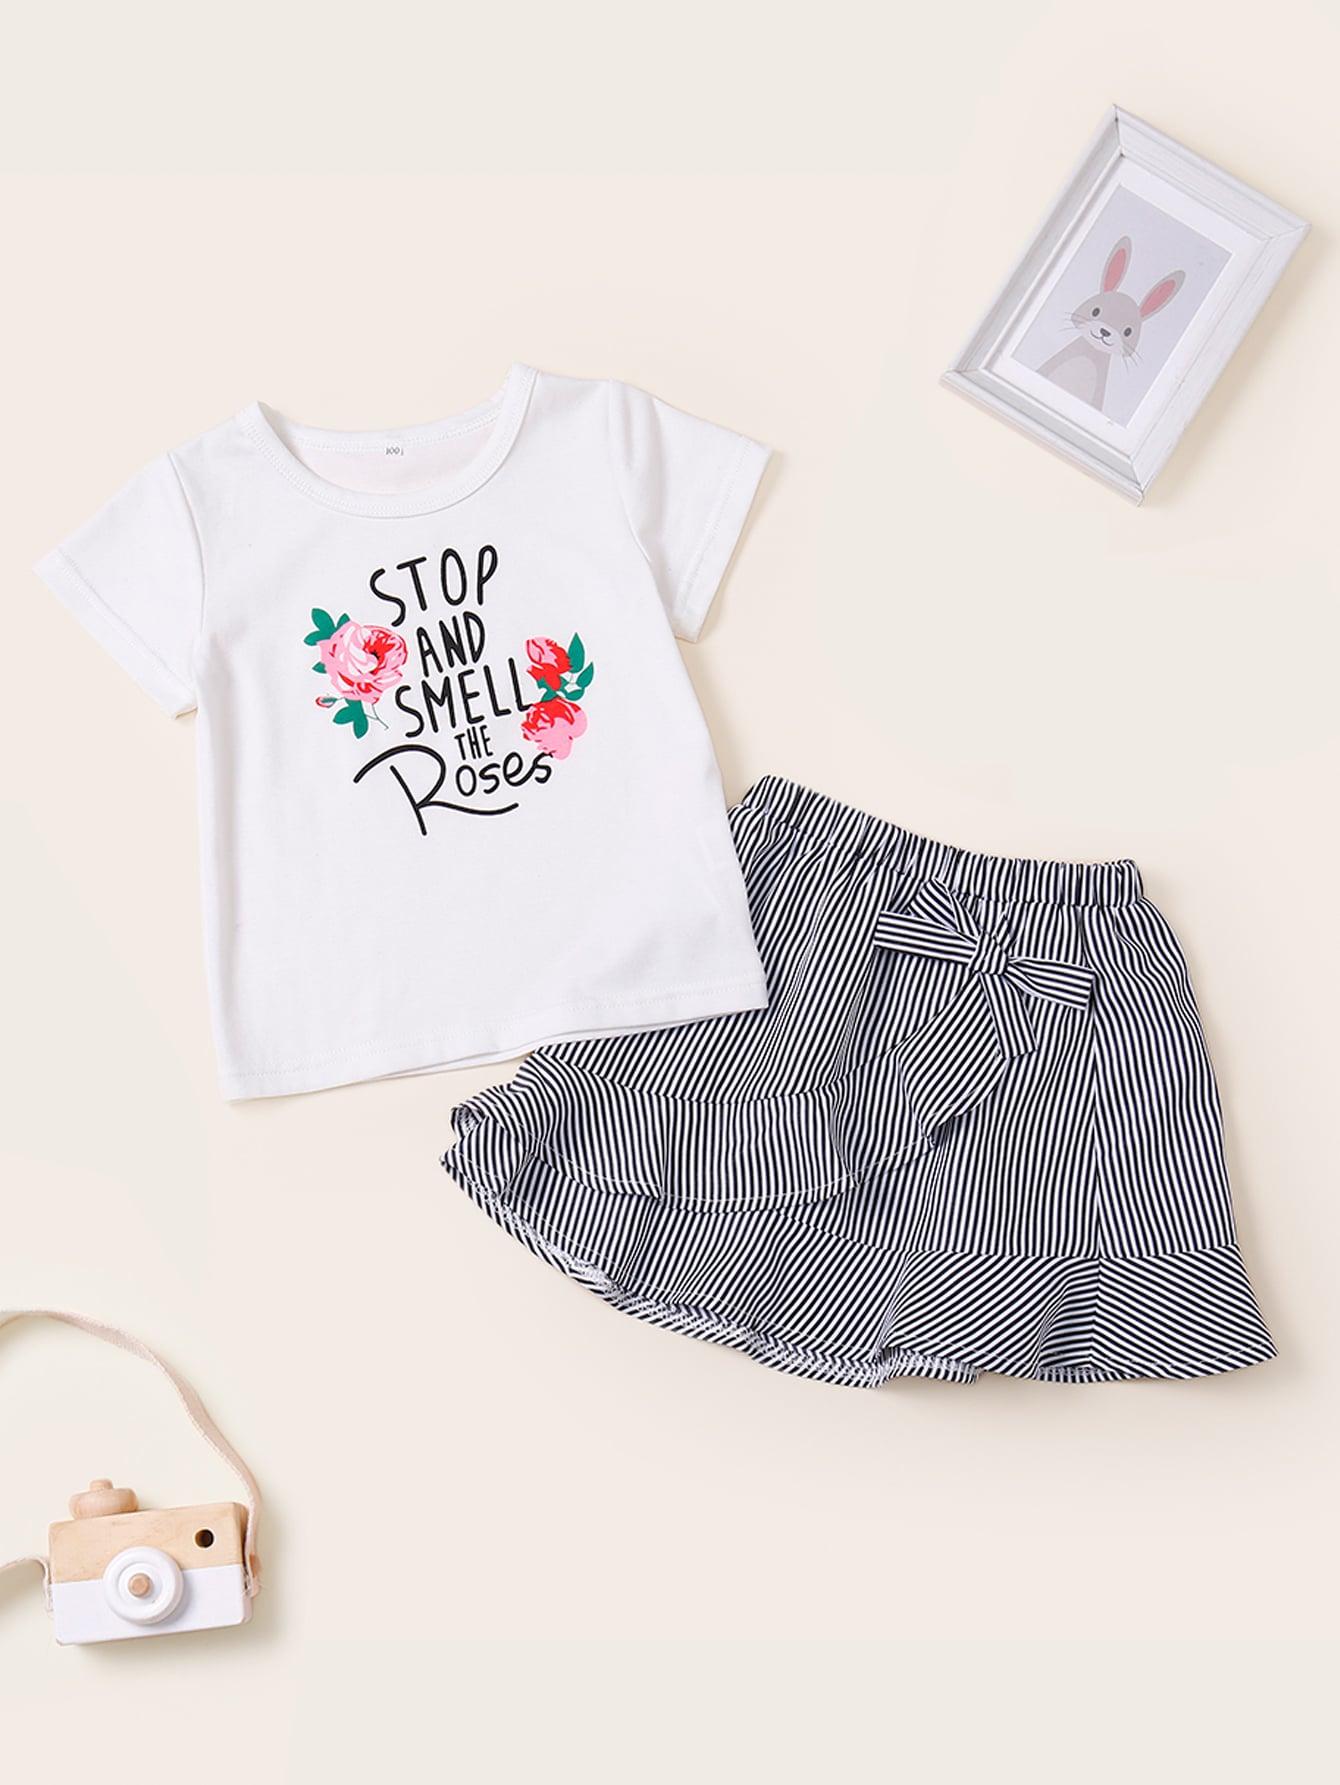 Фото - Футболку с текстовым принтом и юбка в полоску с оборками для маленьких девочек от SheIn цвет многоцветный